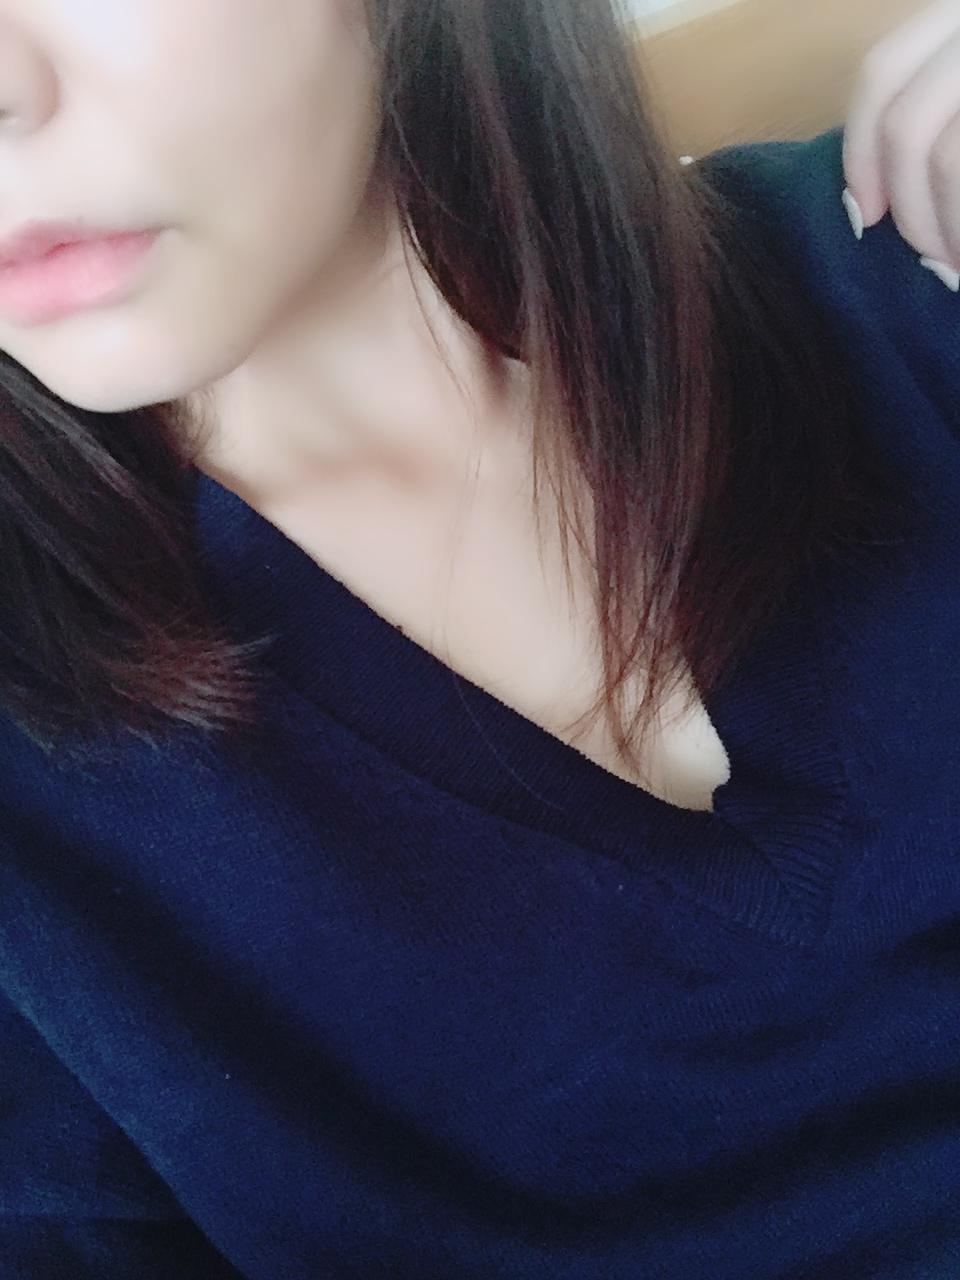 「出勤♡」10/16(火) 11:51 | 杏子の写メ・風俗動画